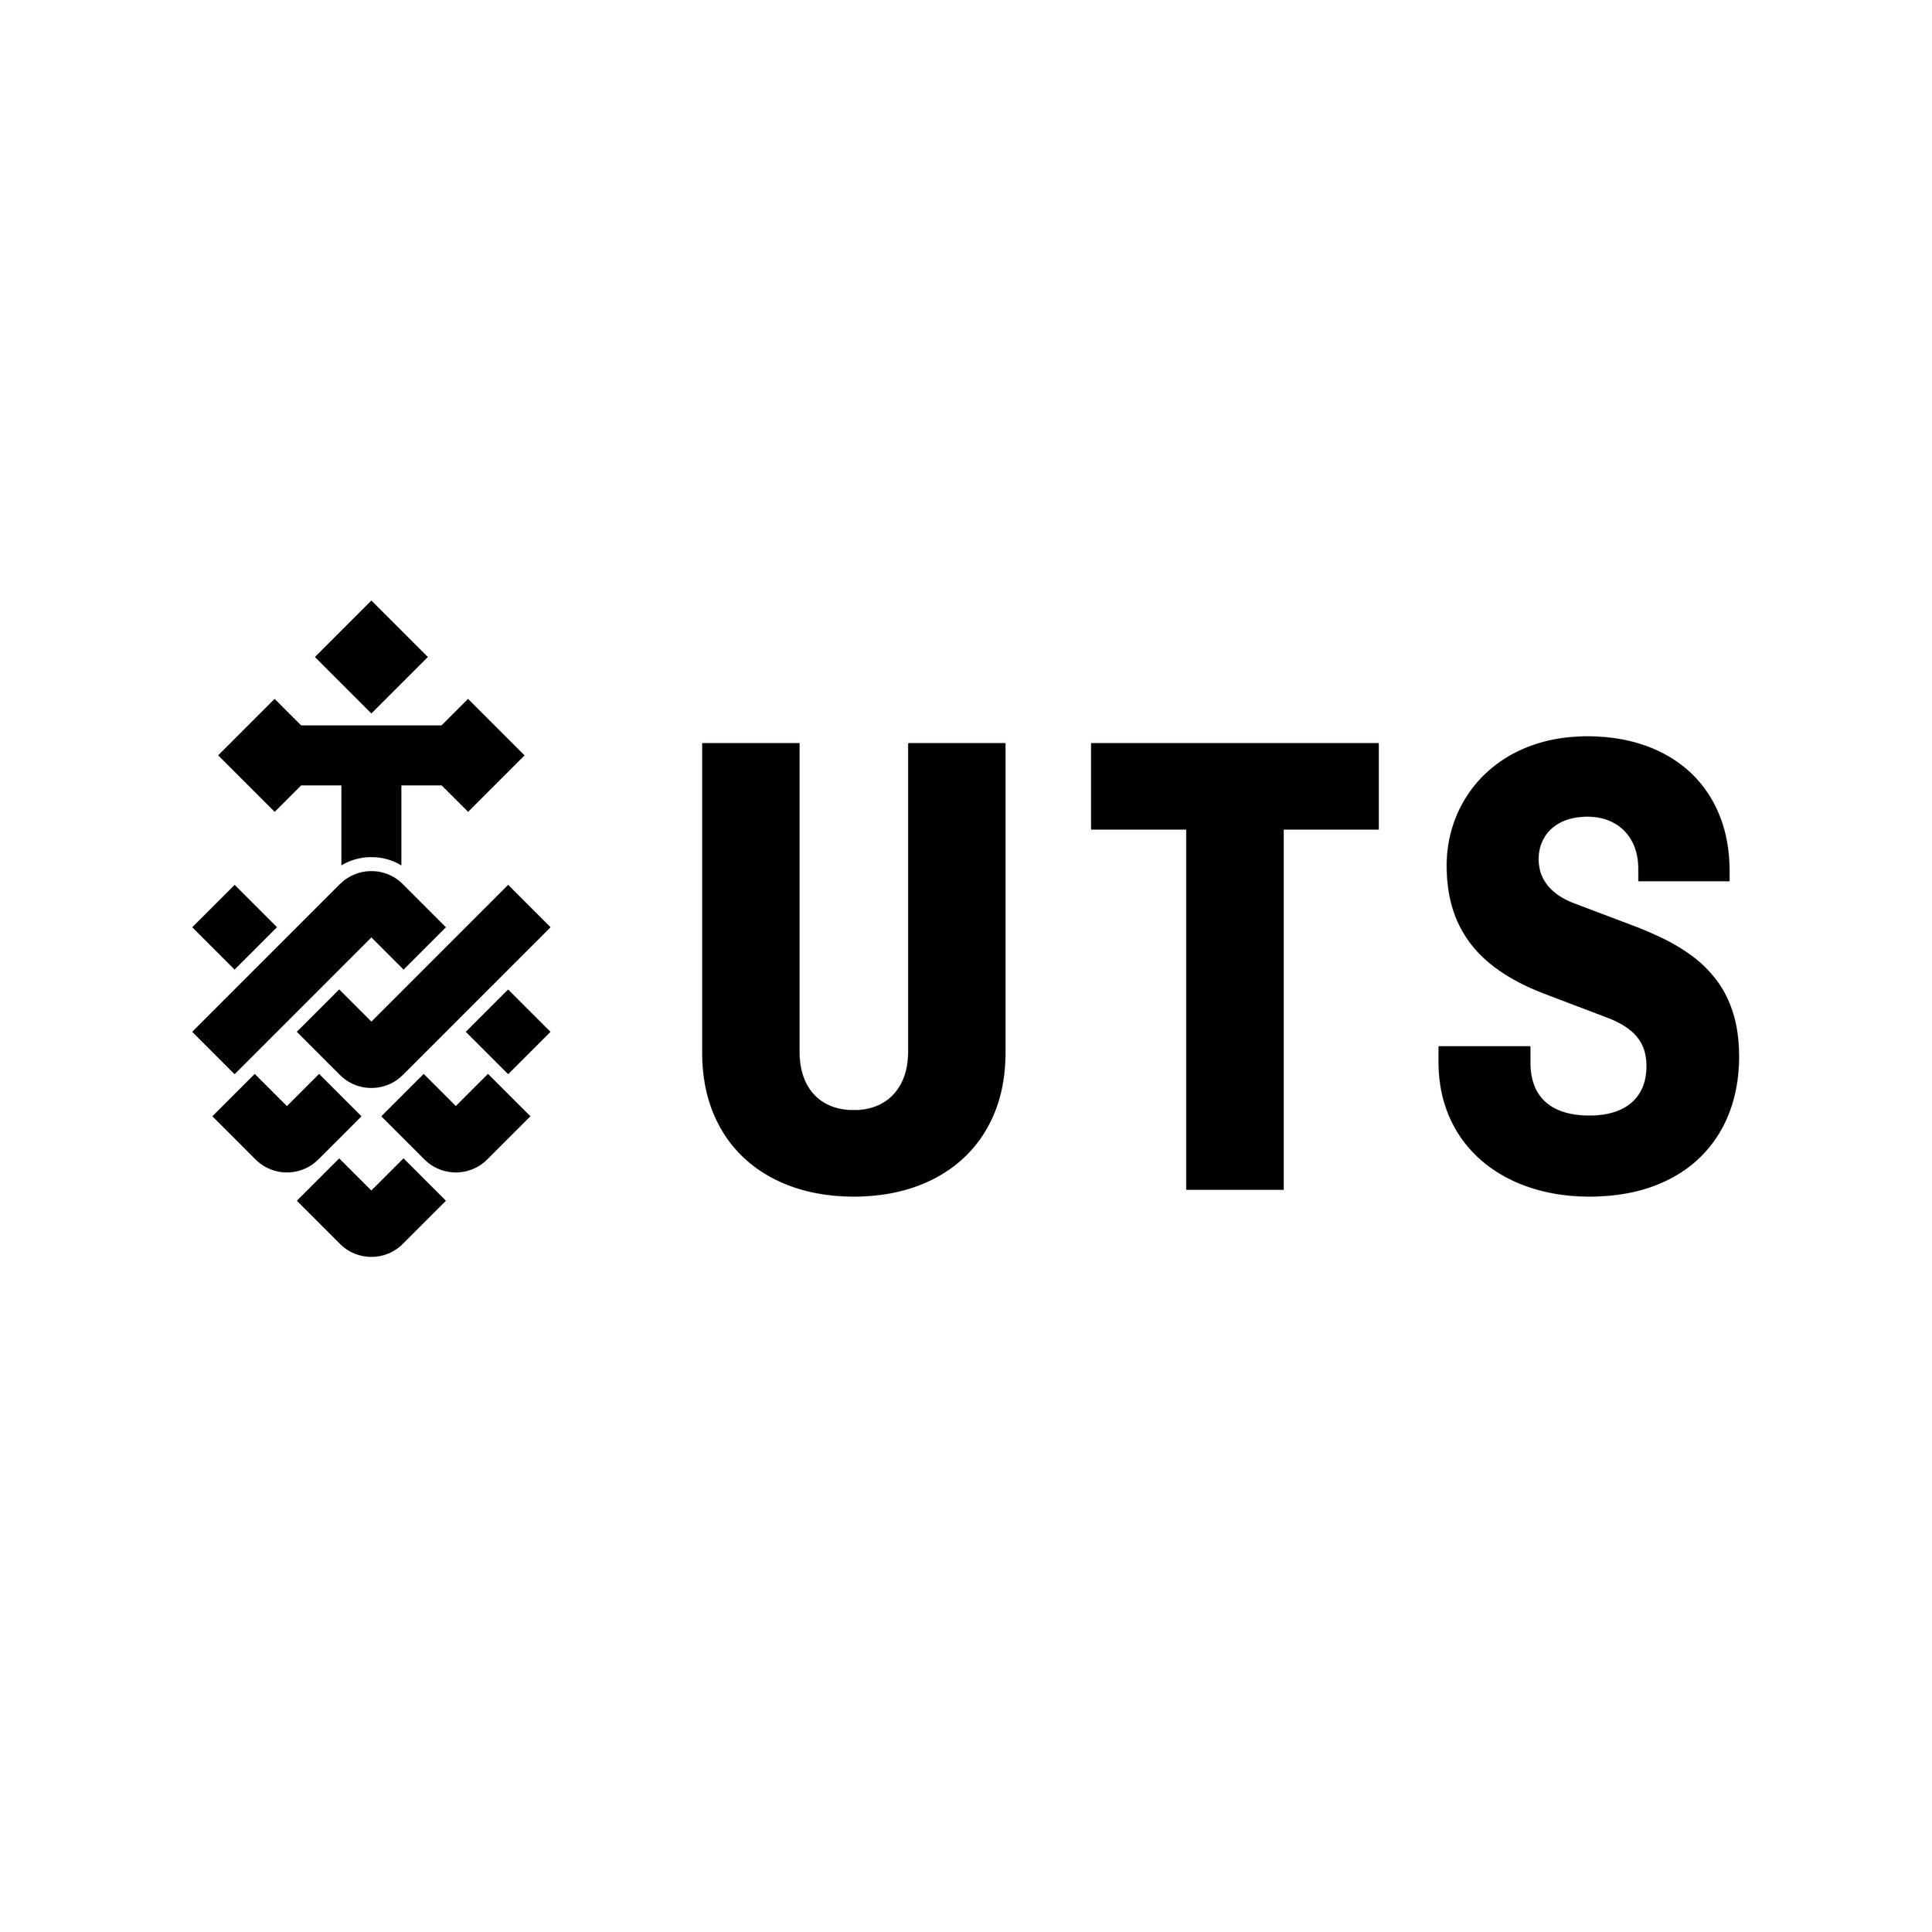 UTS.jpg